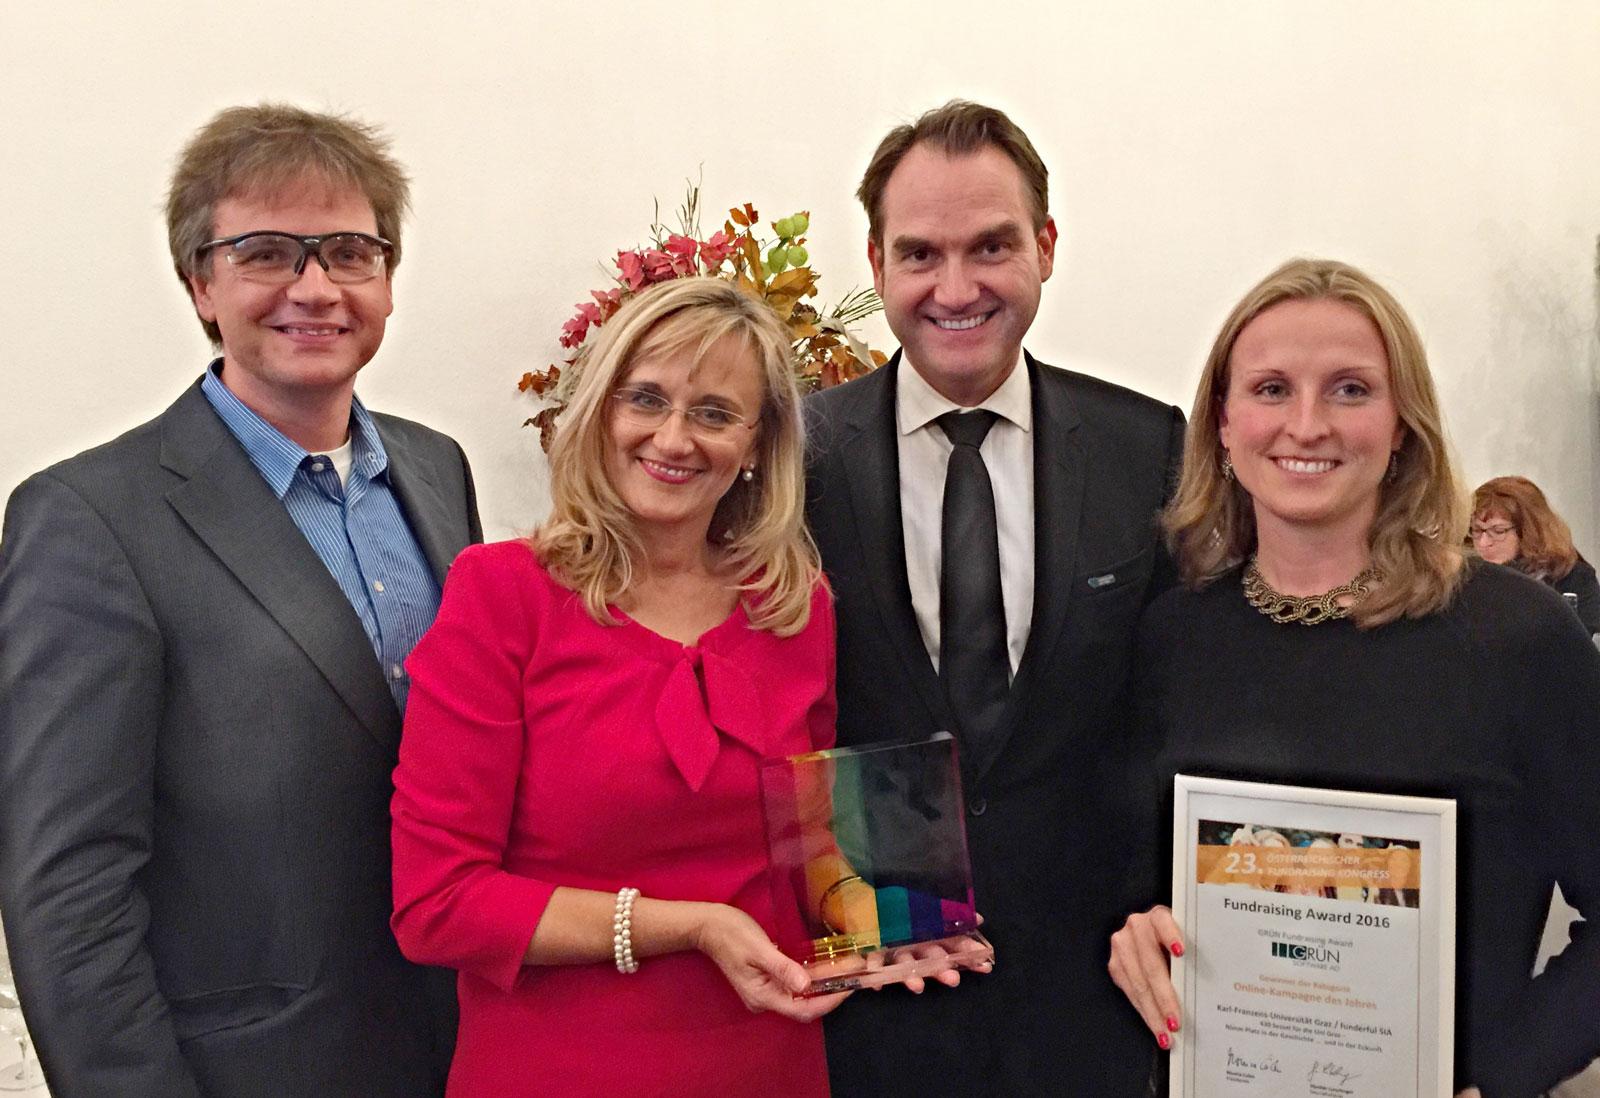 GRÜN Fundraising Award geht an die Universität Graz